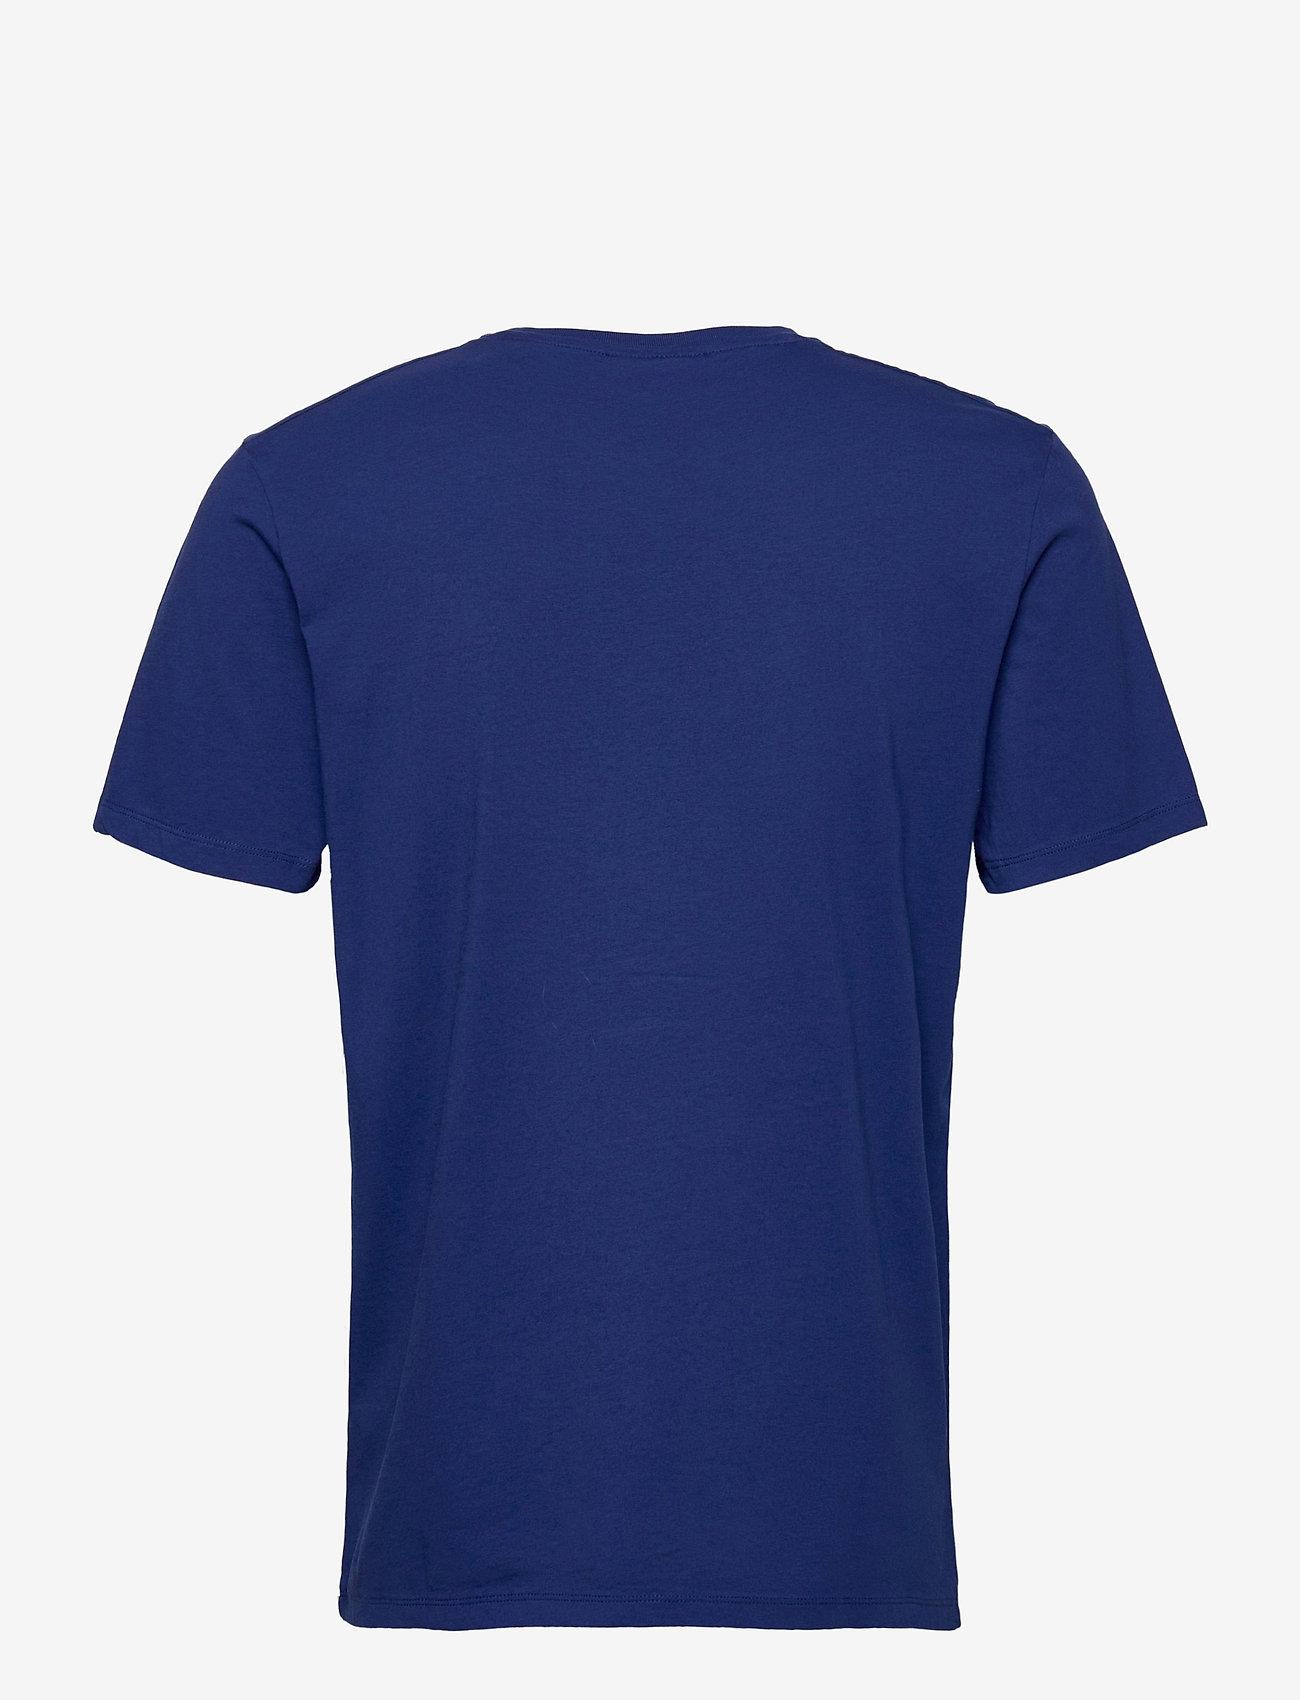 Scotch & Soda - Fabric dyed pocket tee - basic t-shirts - yinmin blue - 1